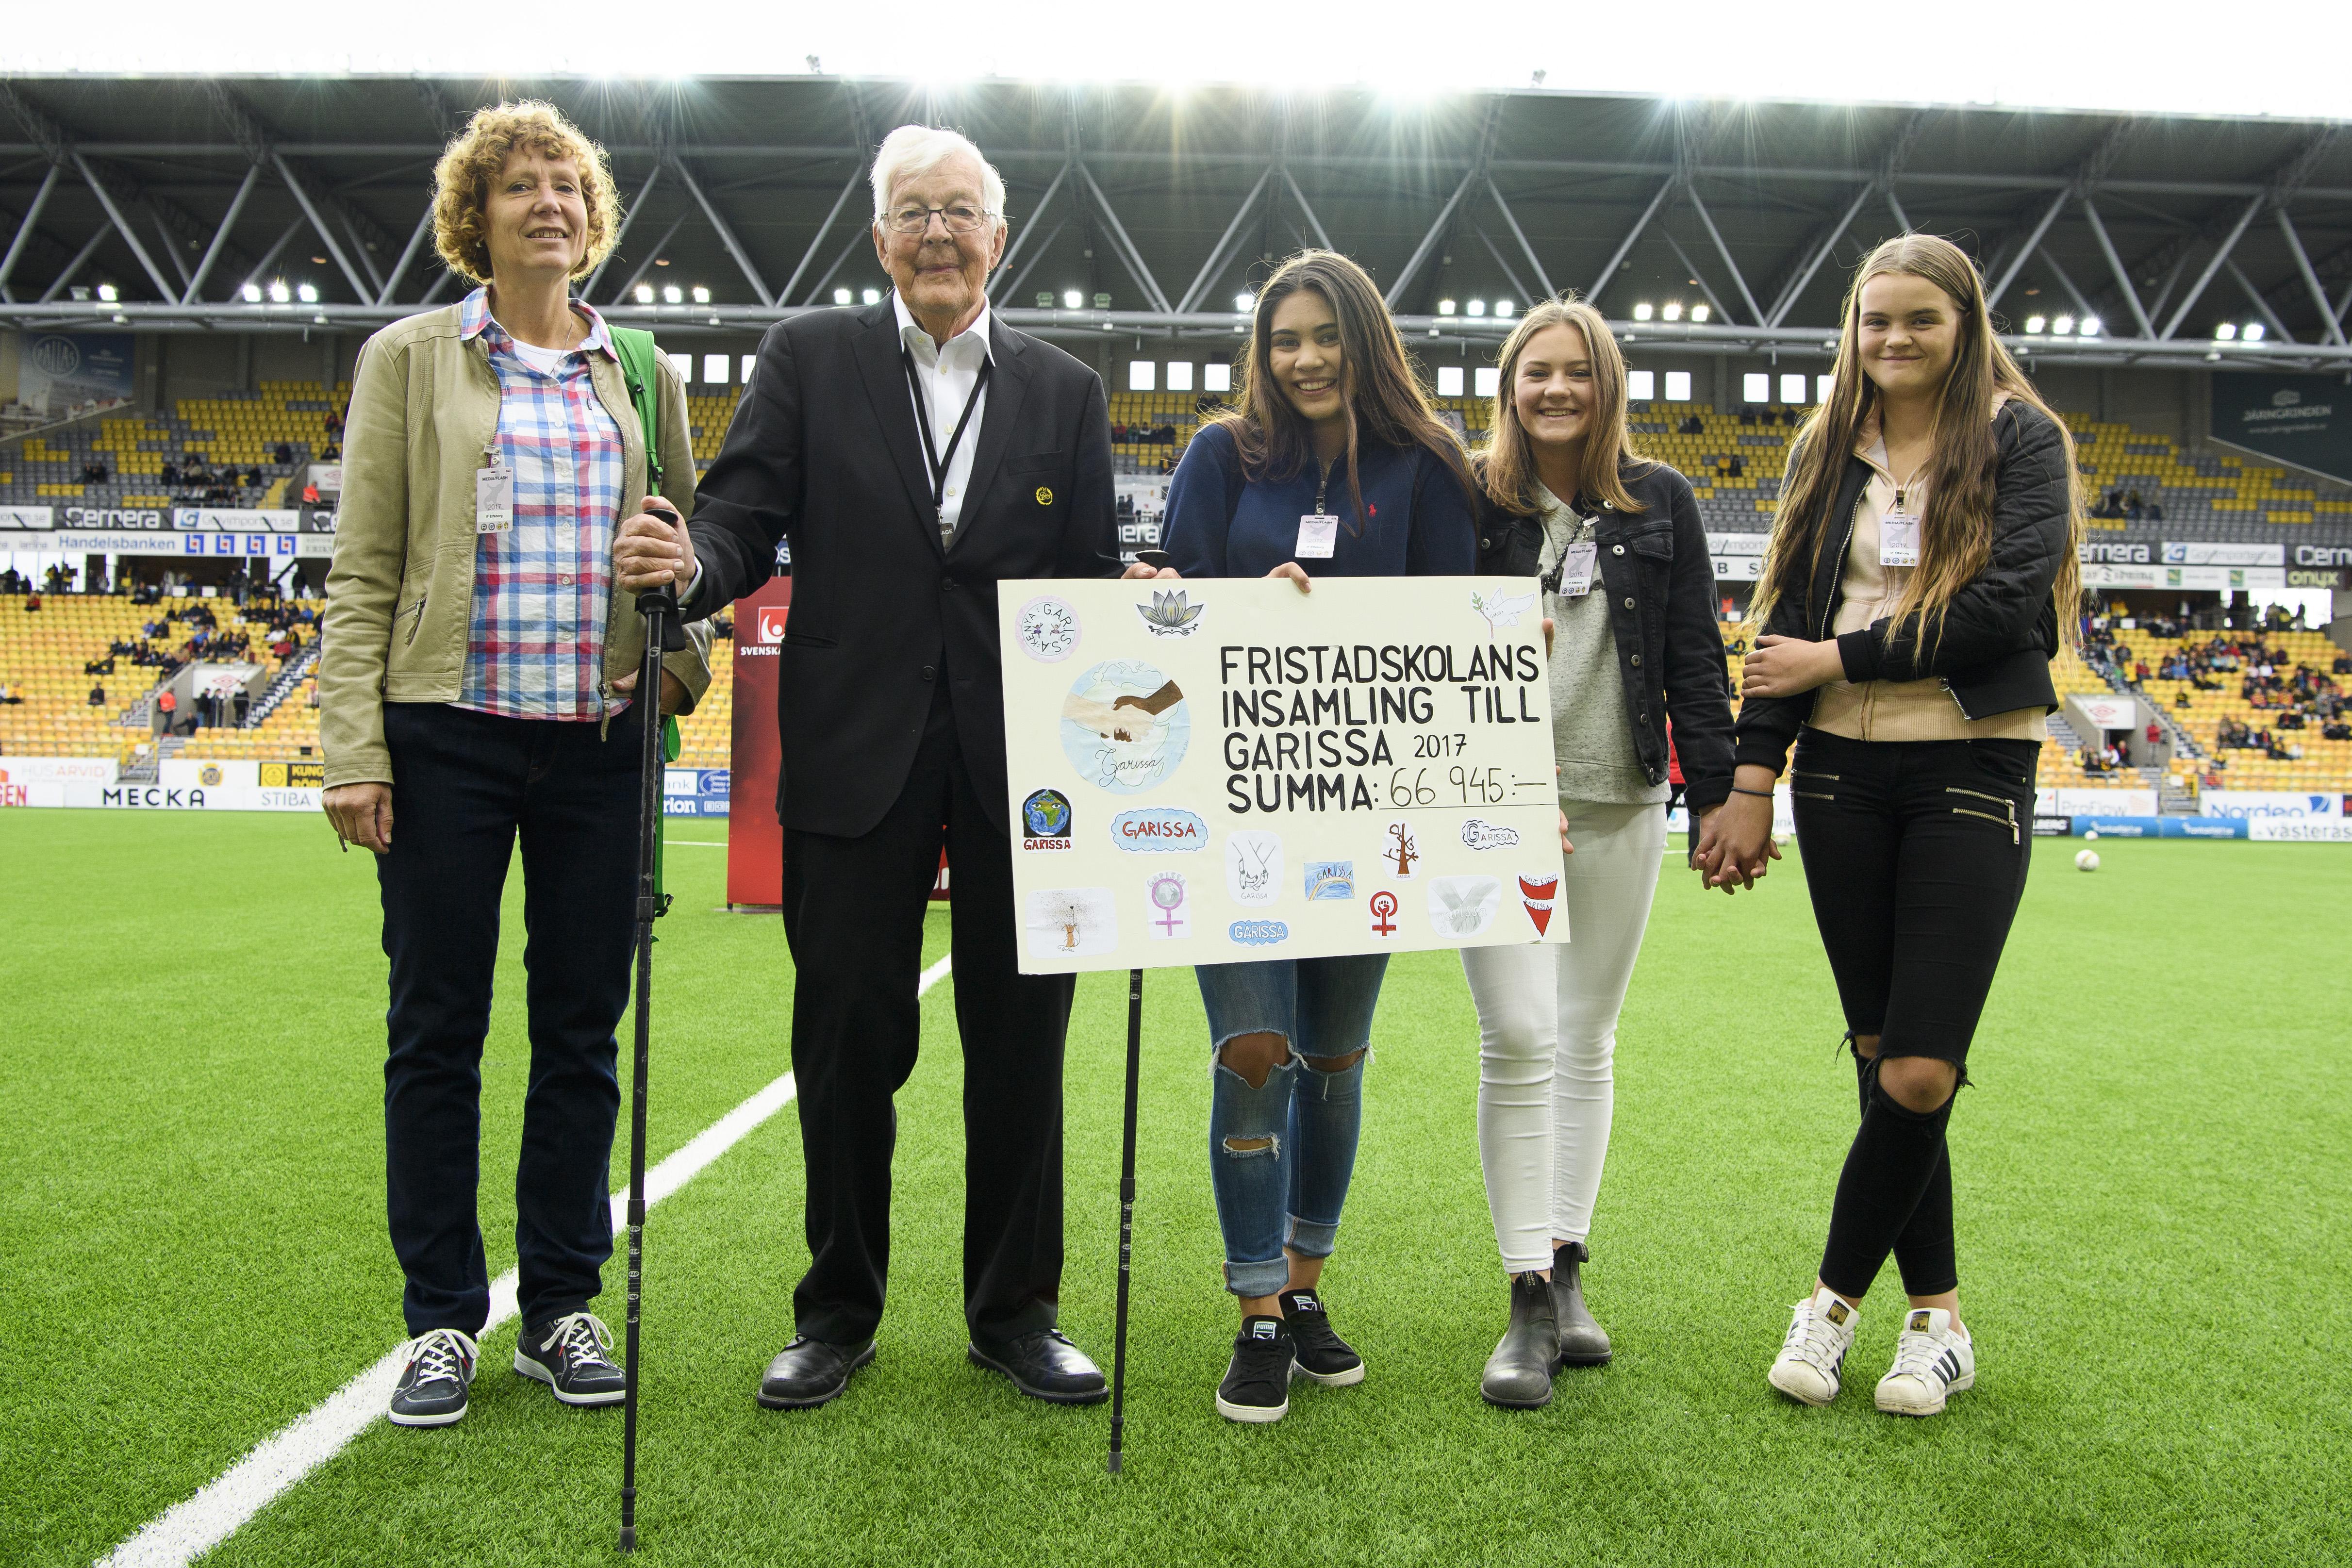 Fristadsskolans elever stödjer Garissa - IF Elfsborg cc81a157e0fc2